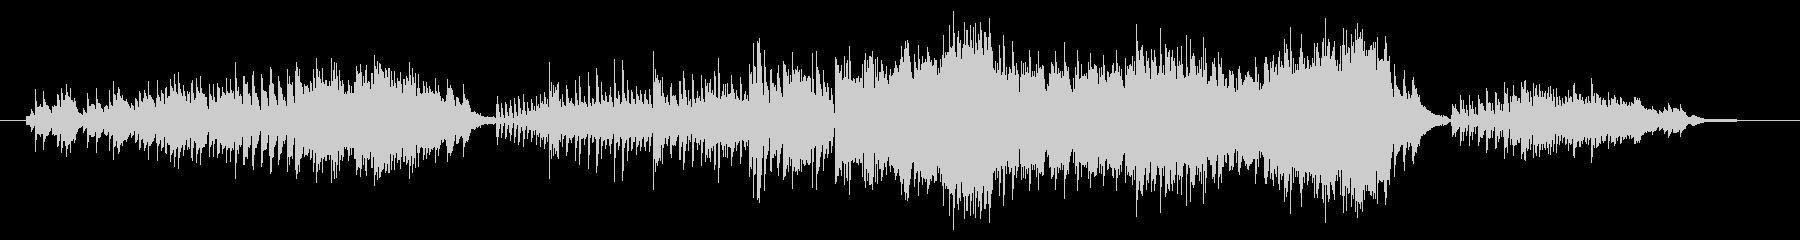 ピアノ、連弾曲で「秋」のイメージです。…の未再生の波形